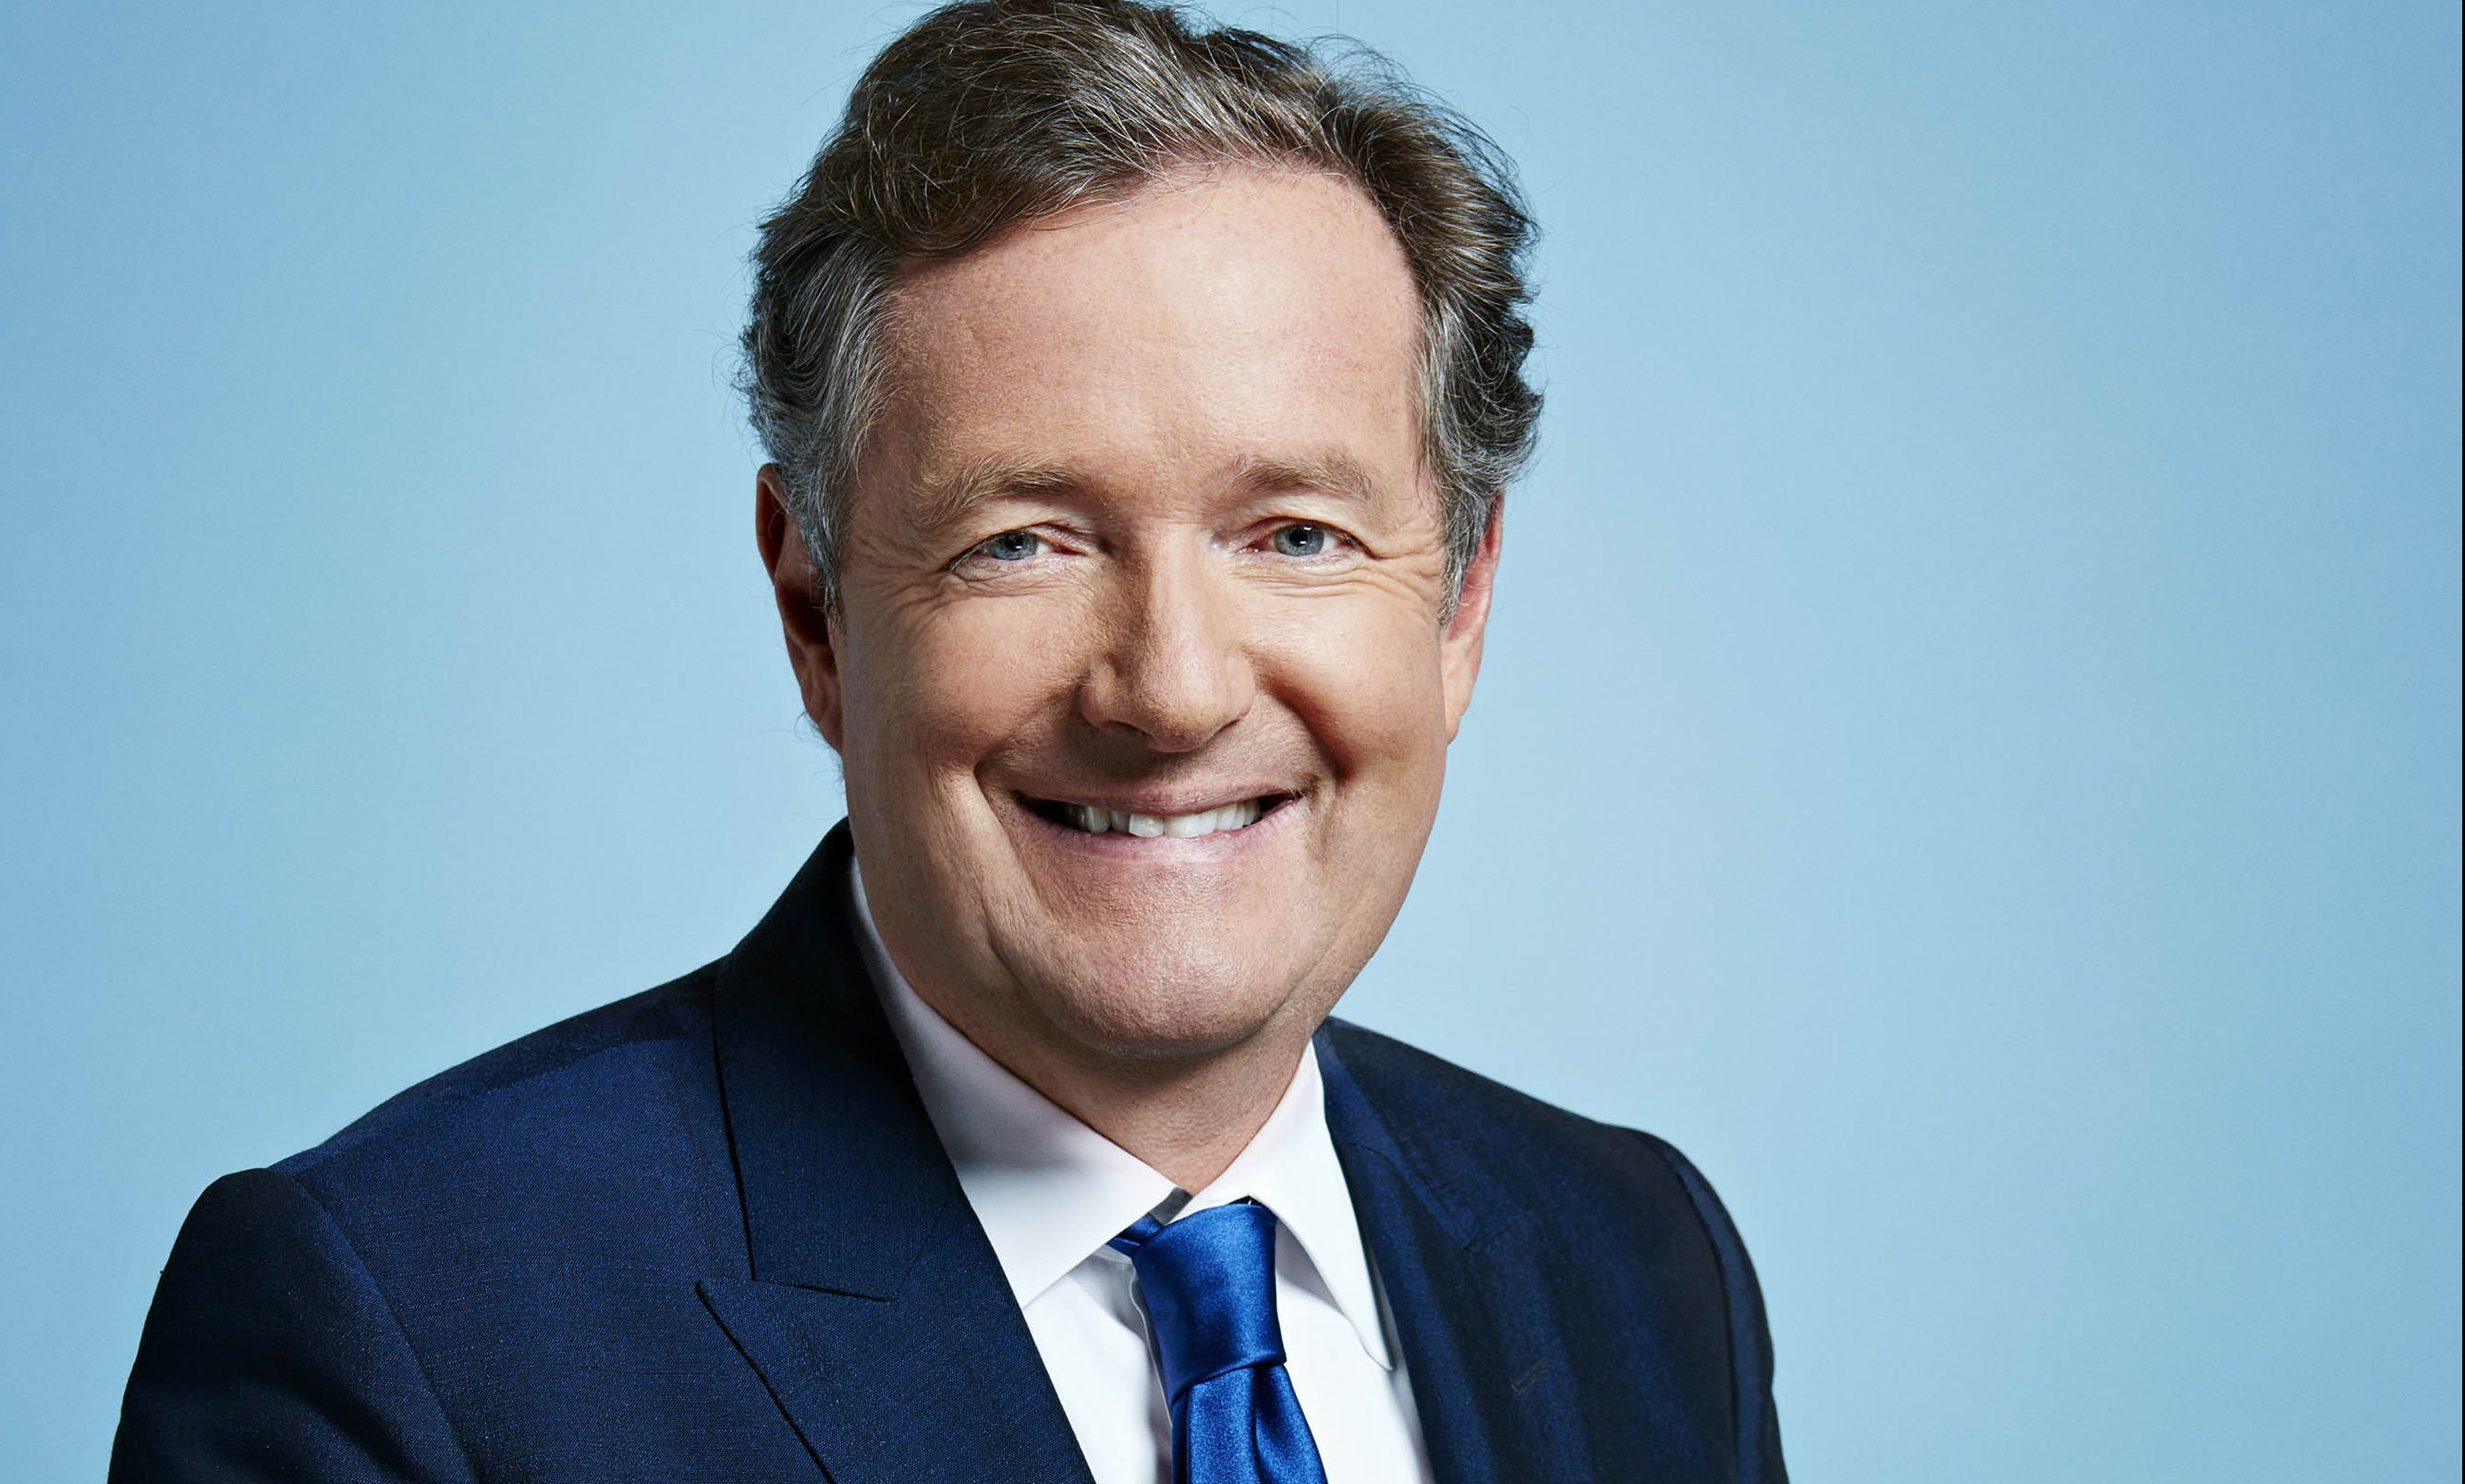 Piers Morgan (Jonathan Ford / ITV)